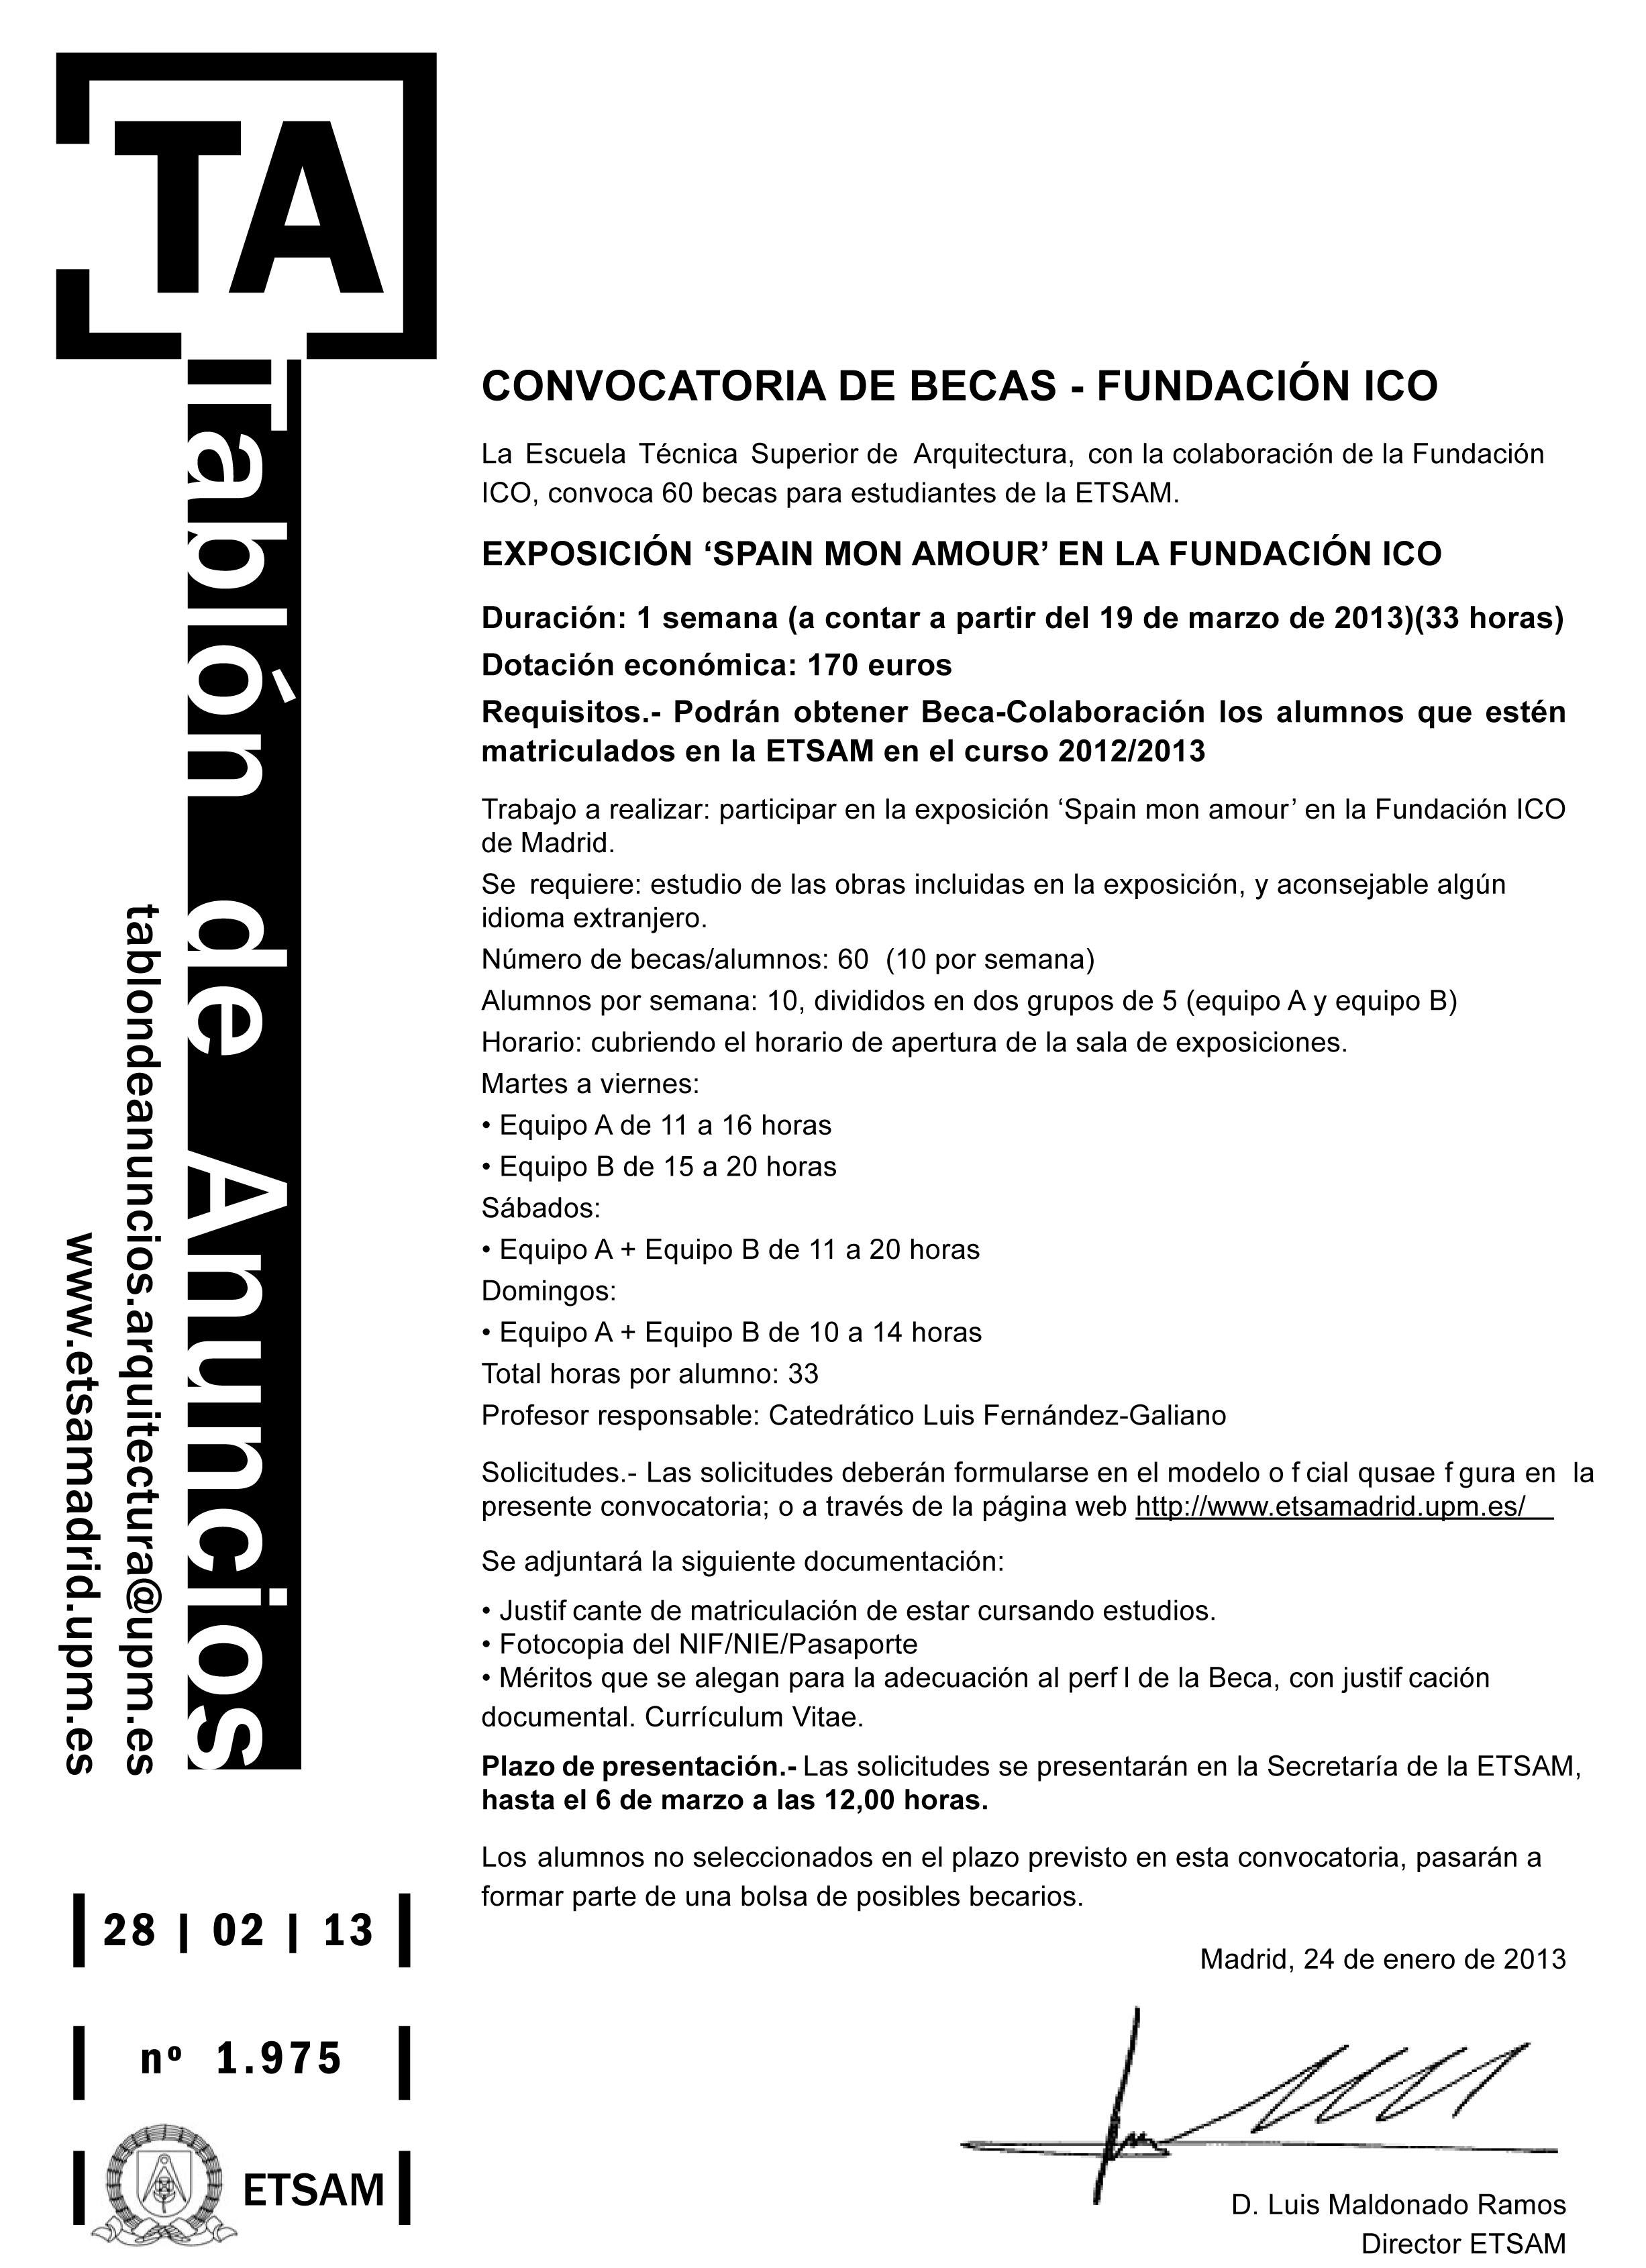 Spain mon amour en el museo ico delegaci n de alumnos for Escuela tecnica superior de arquitectura